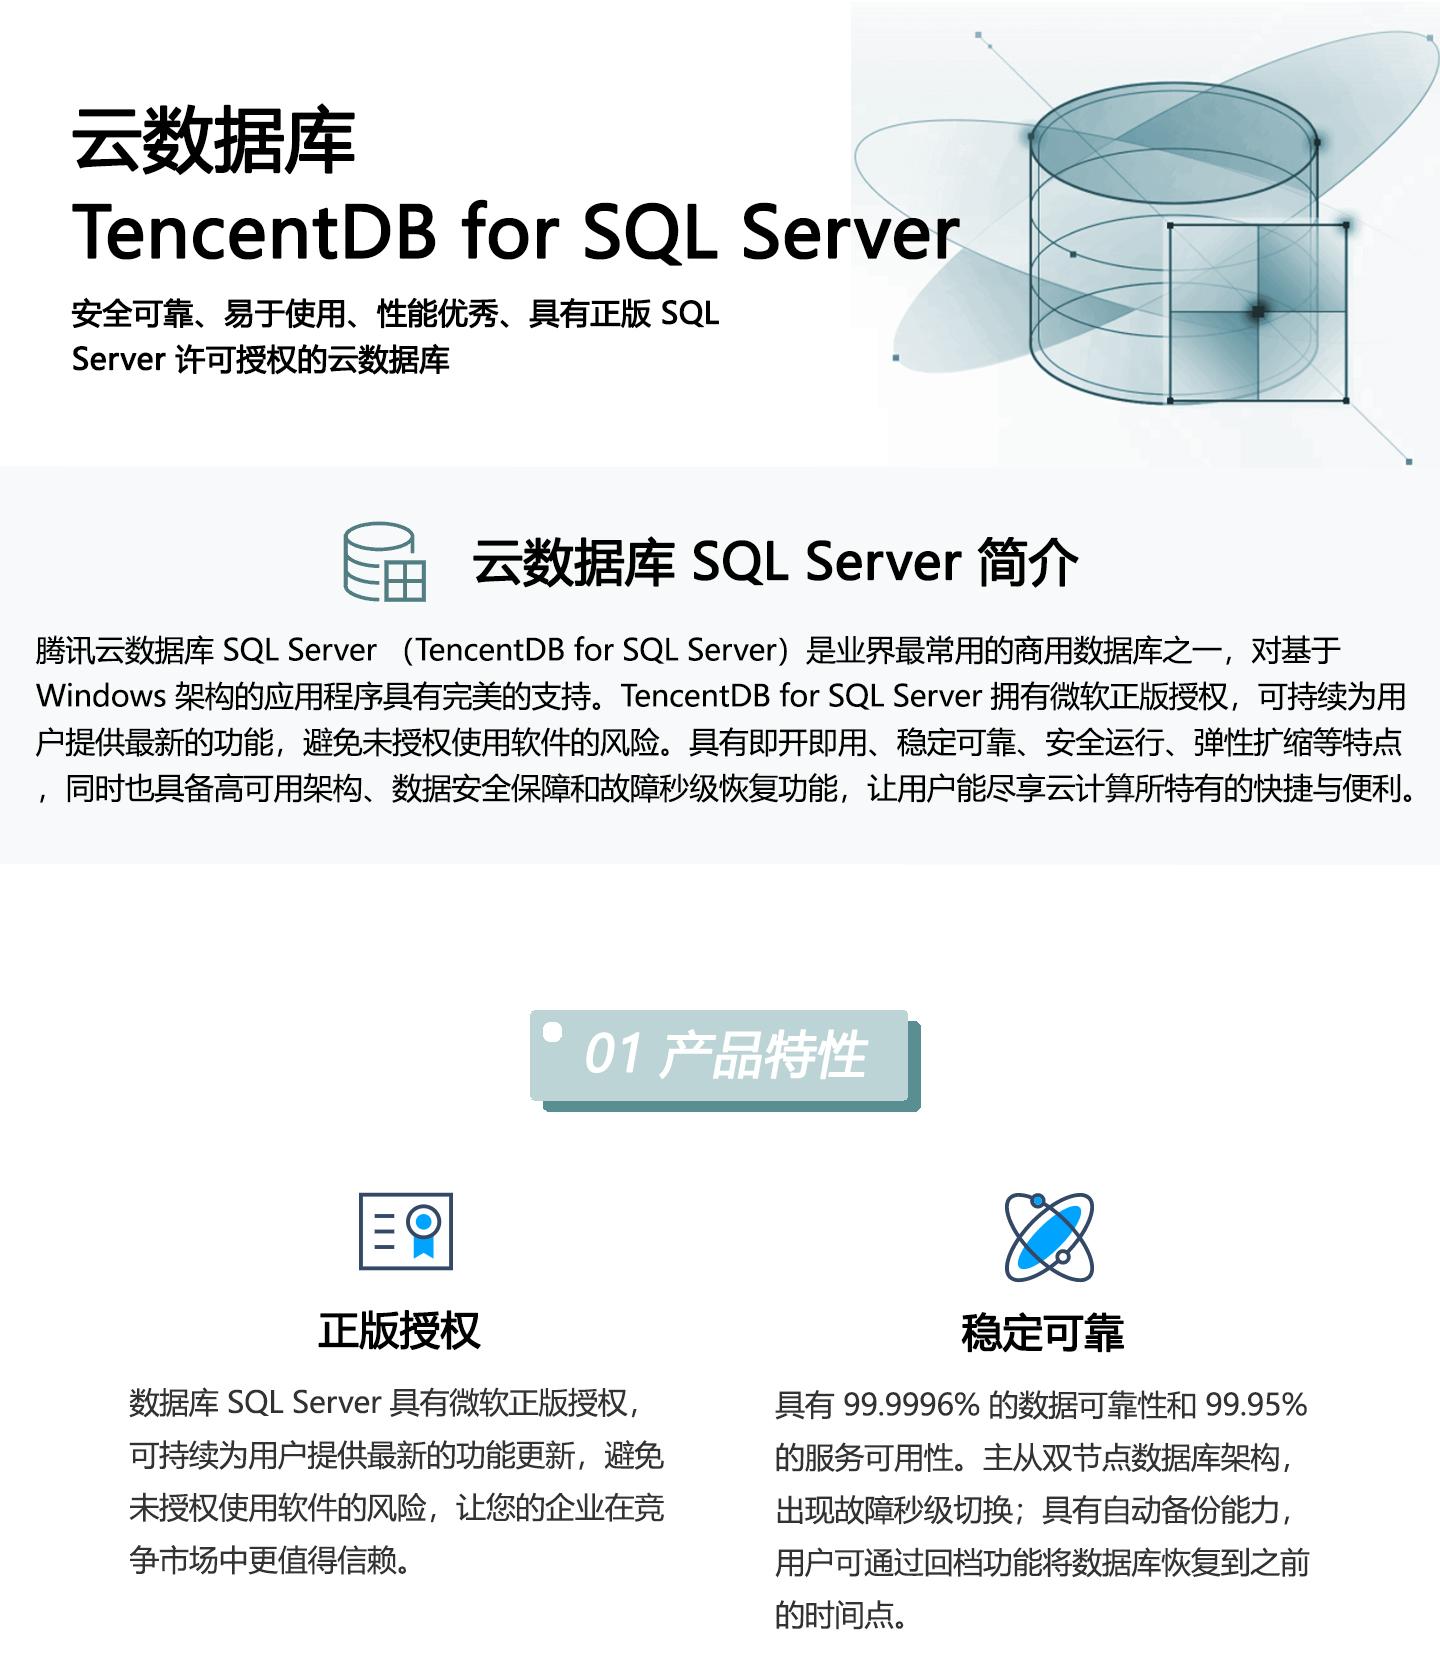 云数据库-TencentDB-for-SQL-Server-1440_01.jpg